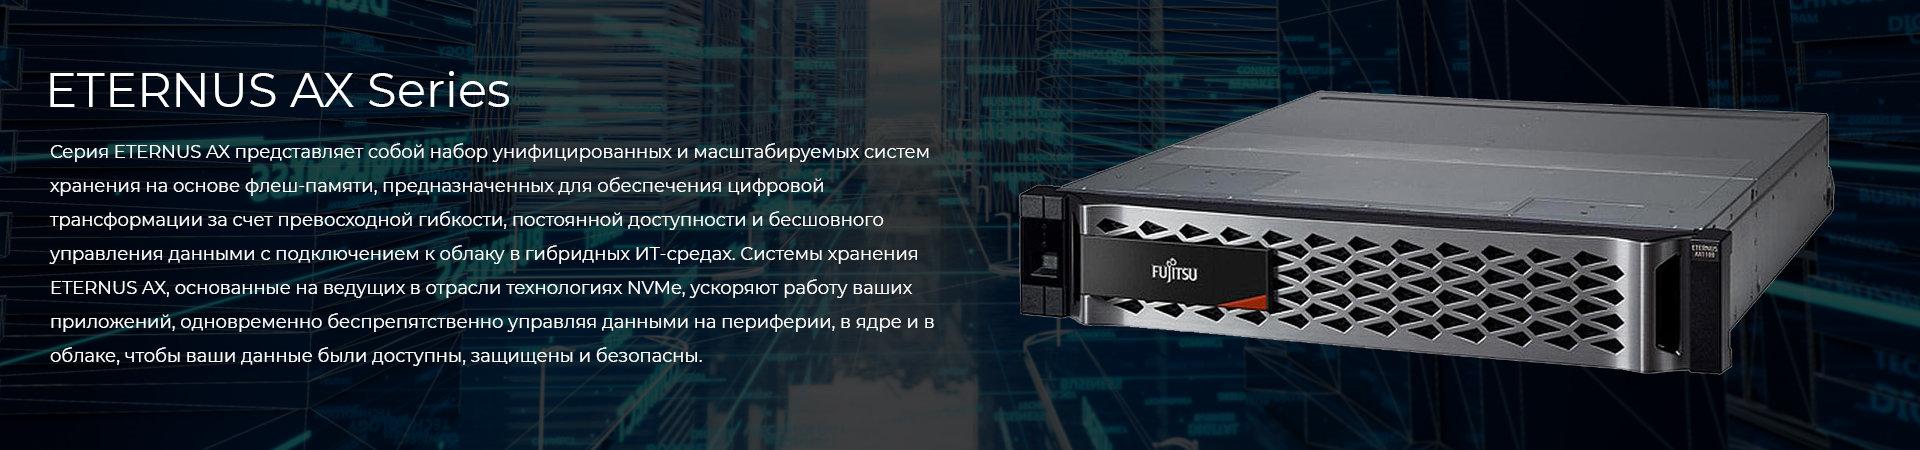 Системы хранения данных Fujitsu Eternus AX серии